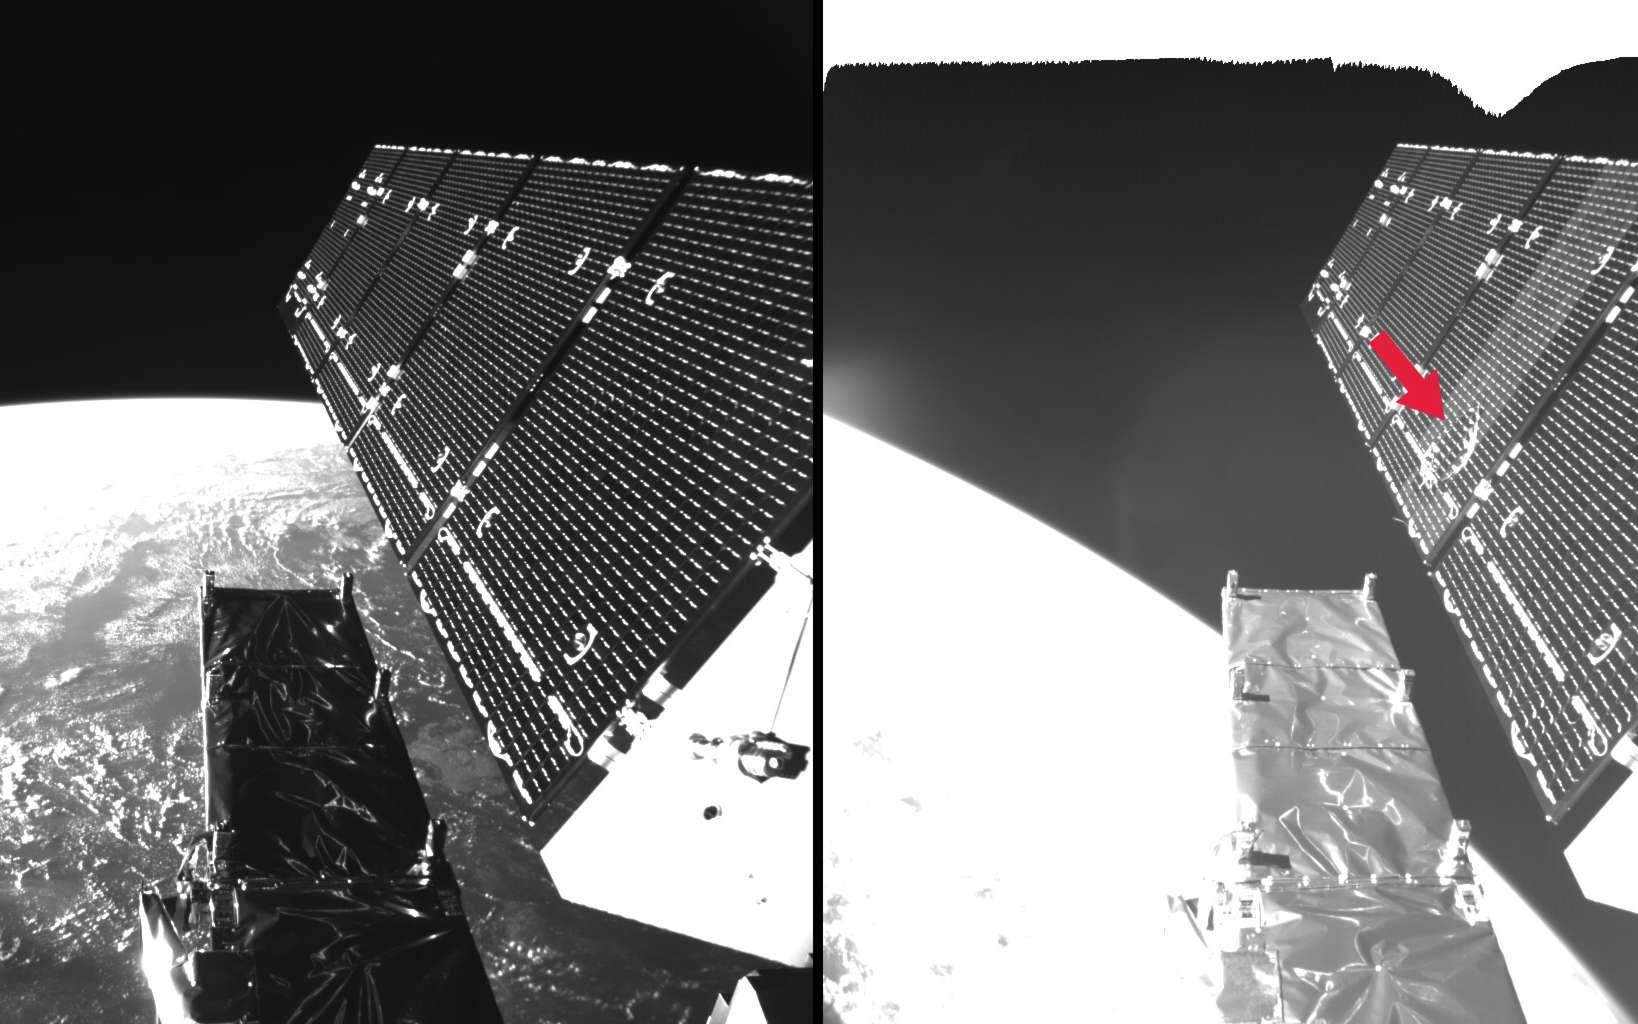 Le panneaux solaires, avant et après l'impact d'un débris contre sa surface, en août 2016. © ESA